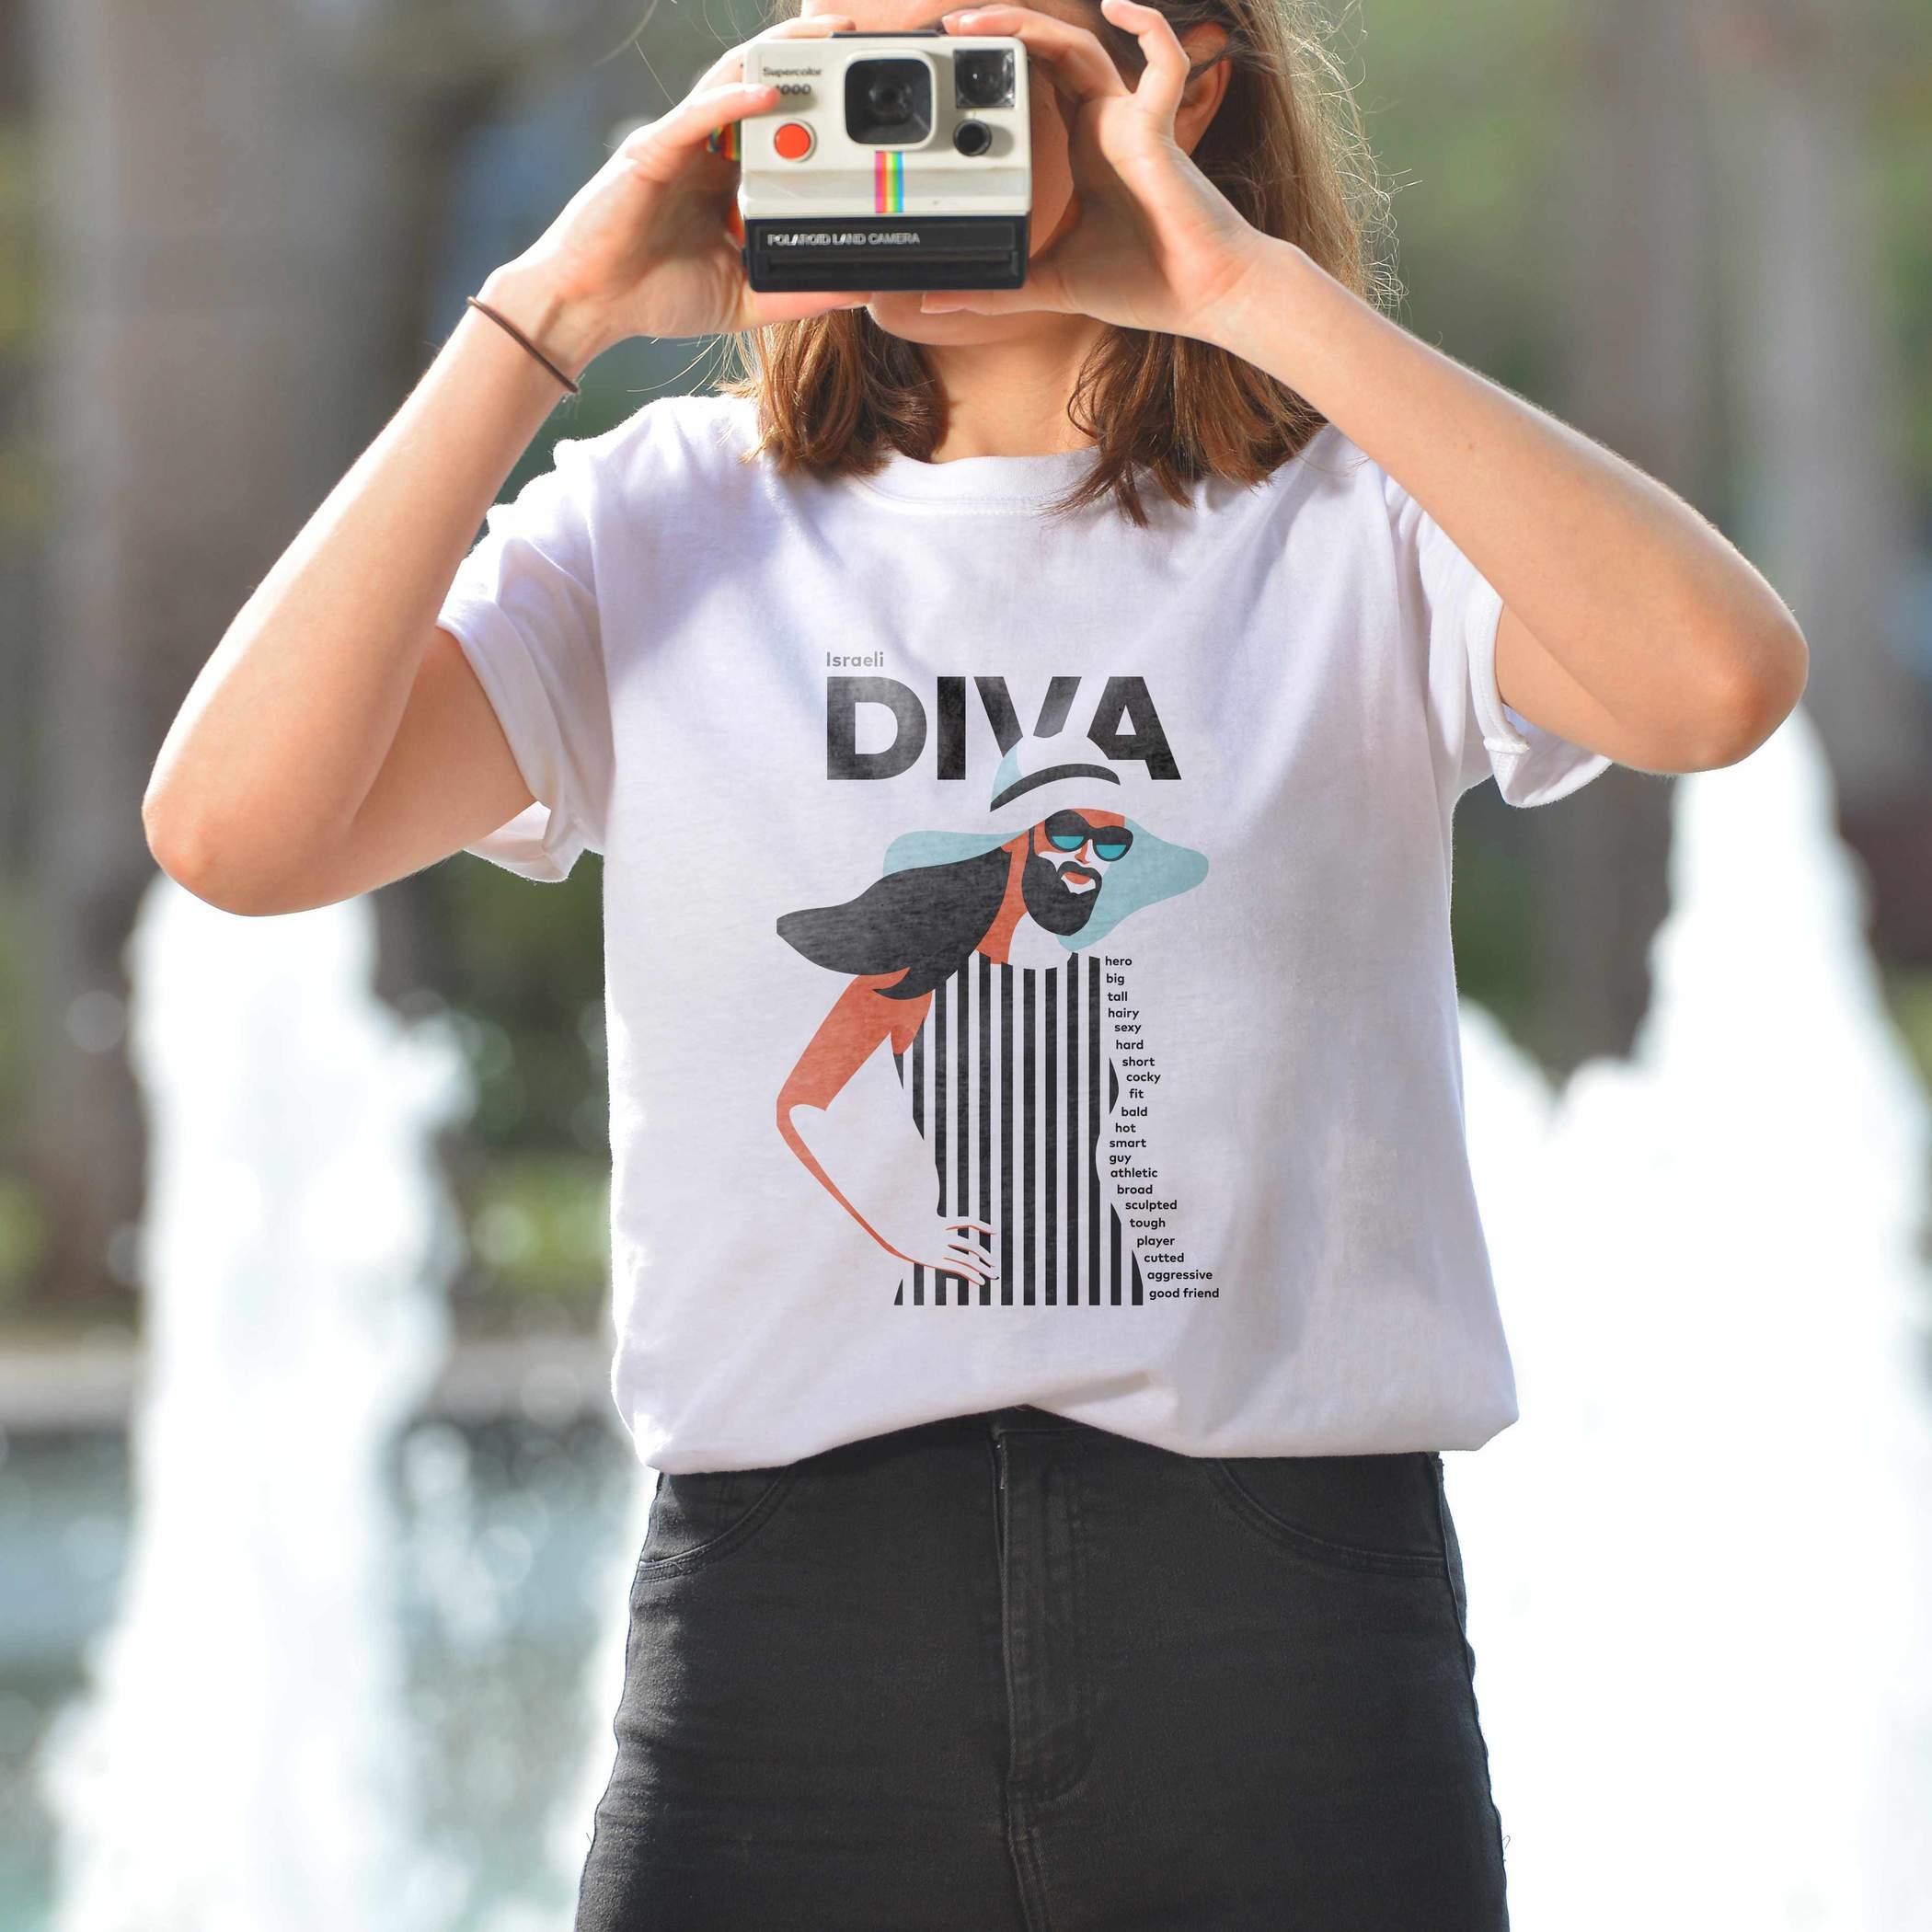 Israeli Diva, T-TLV